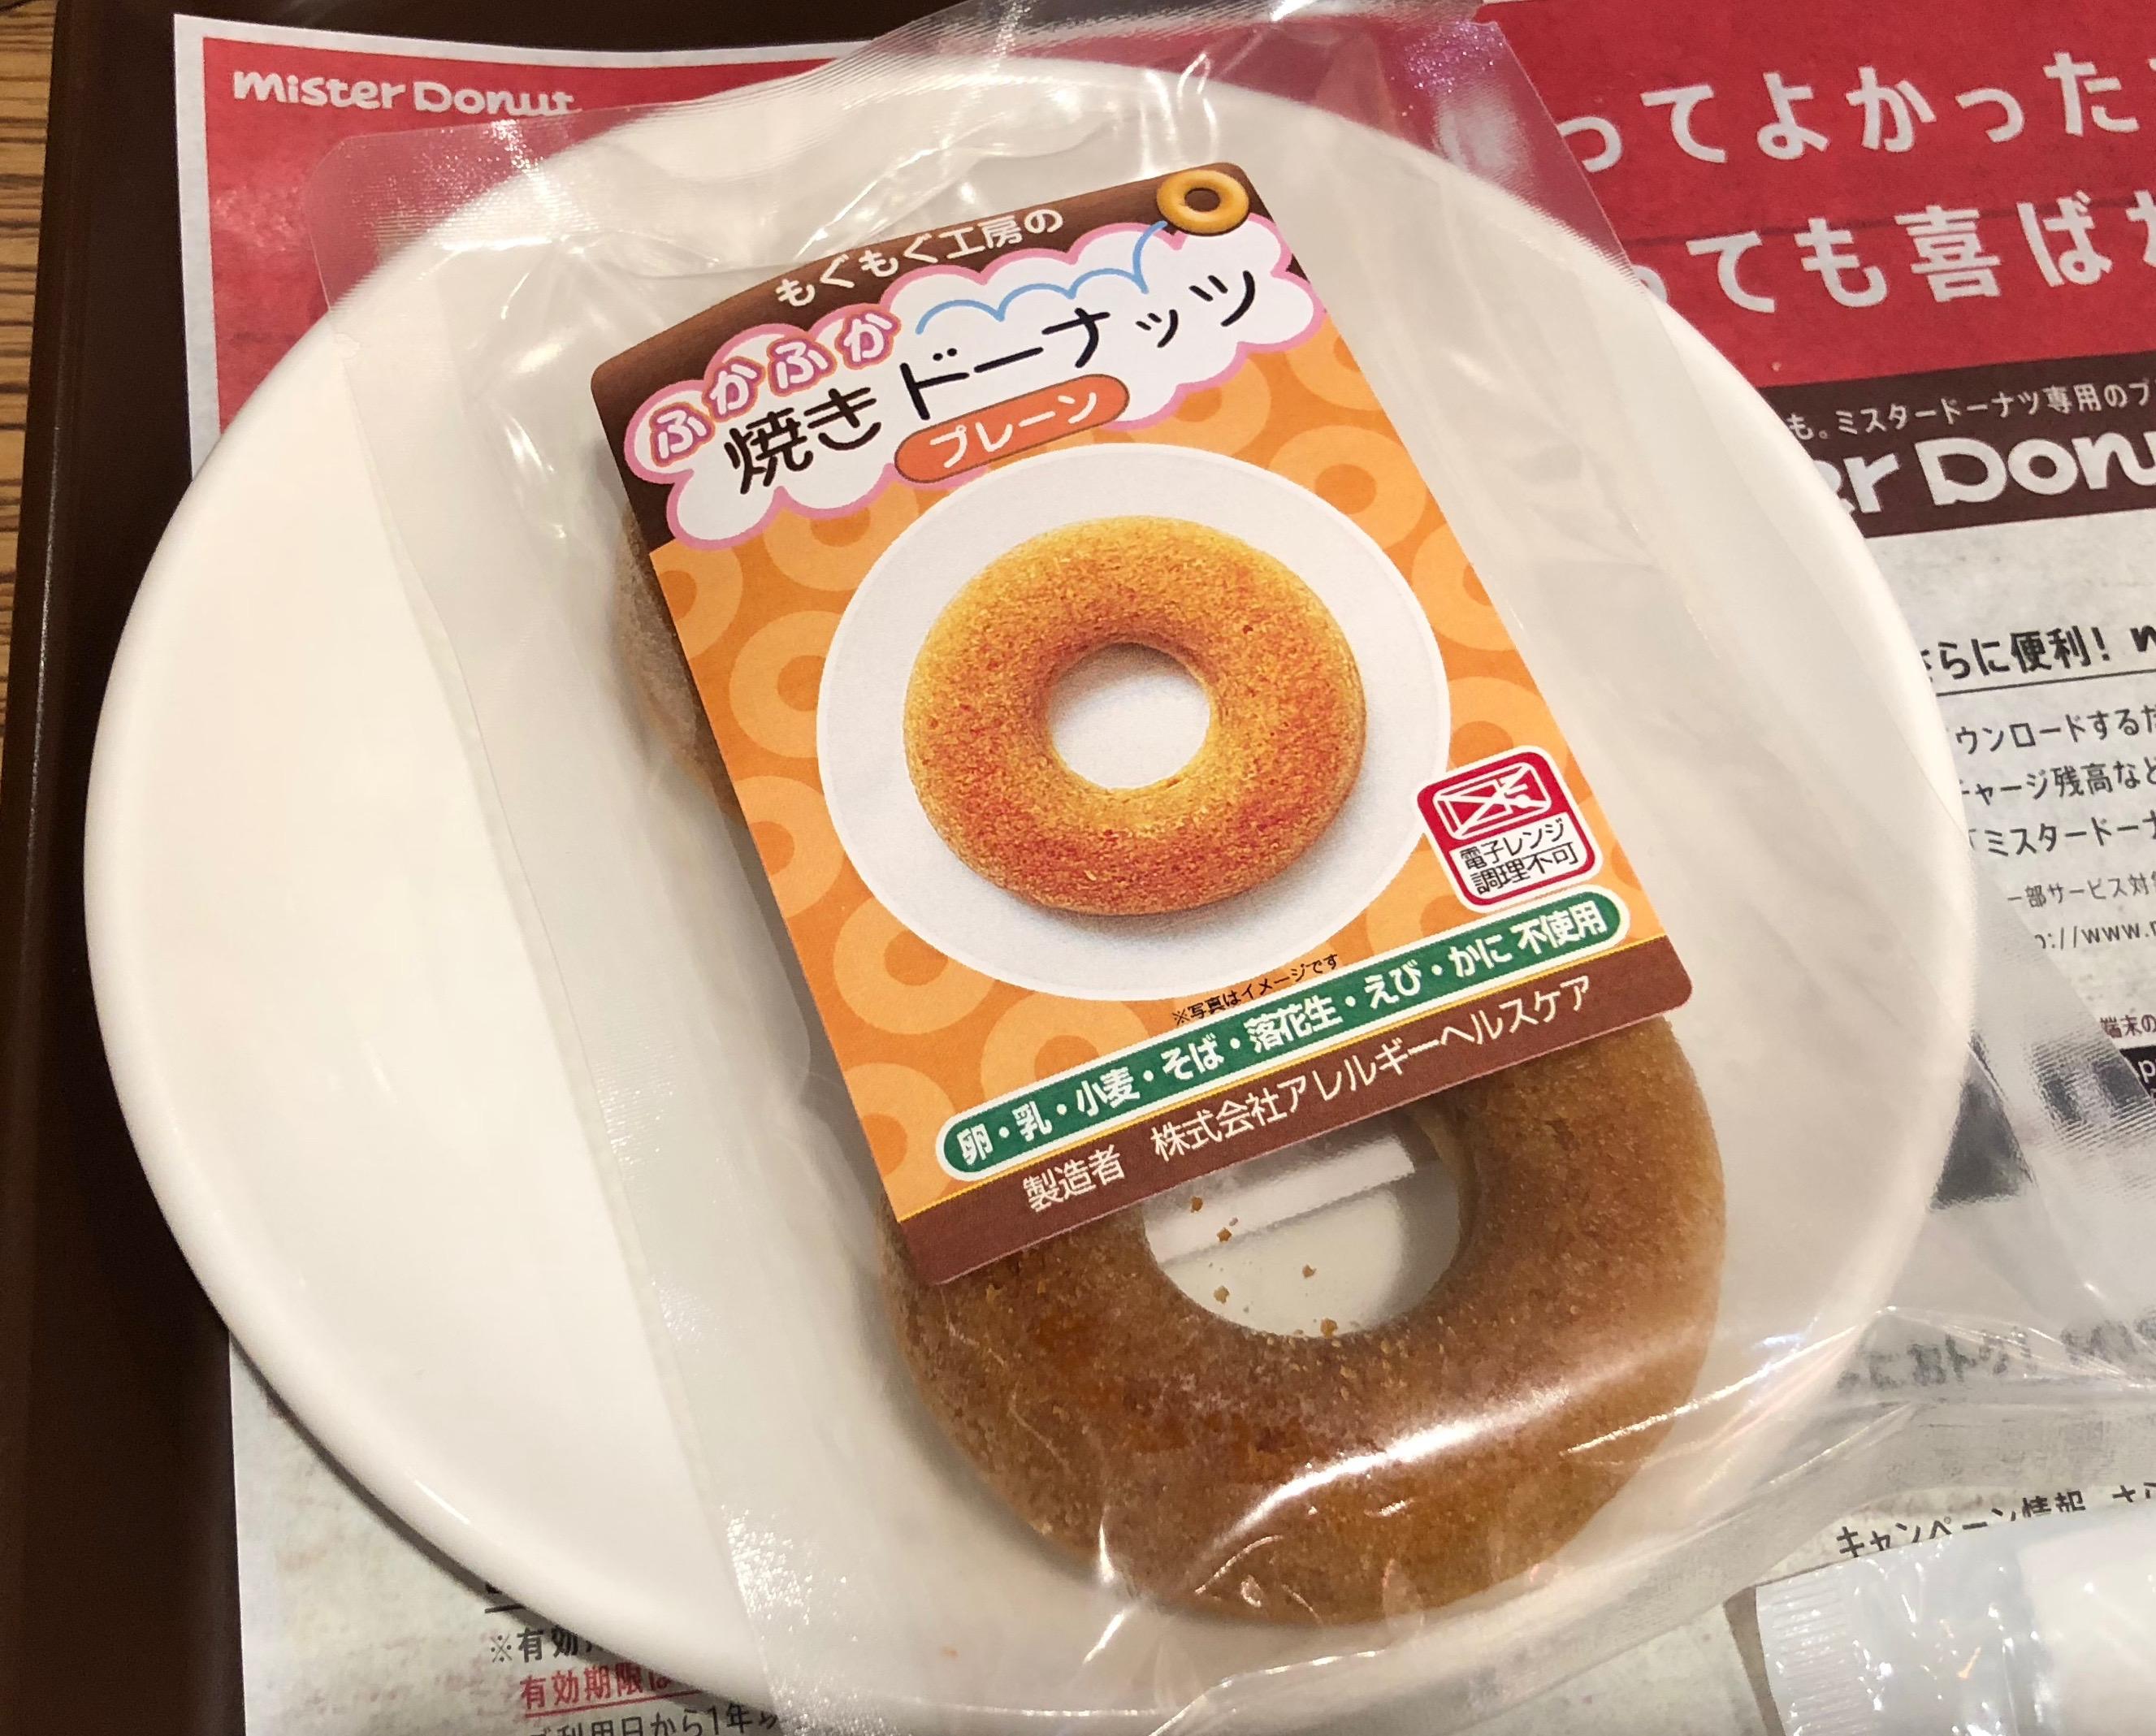 ミスドのアレルゲンフリー『ふかふか焼きドーナッツ』を食べた!小さい!美味しい!